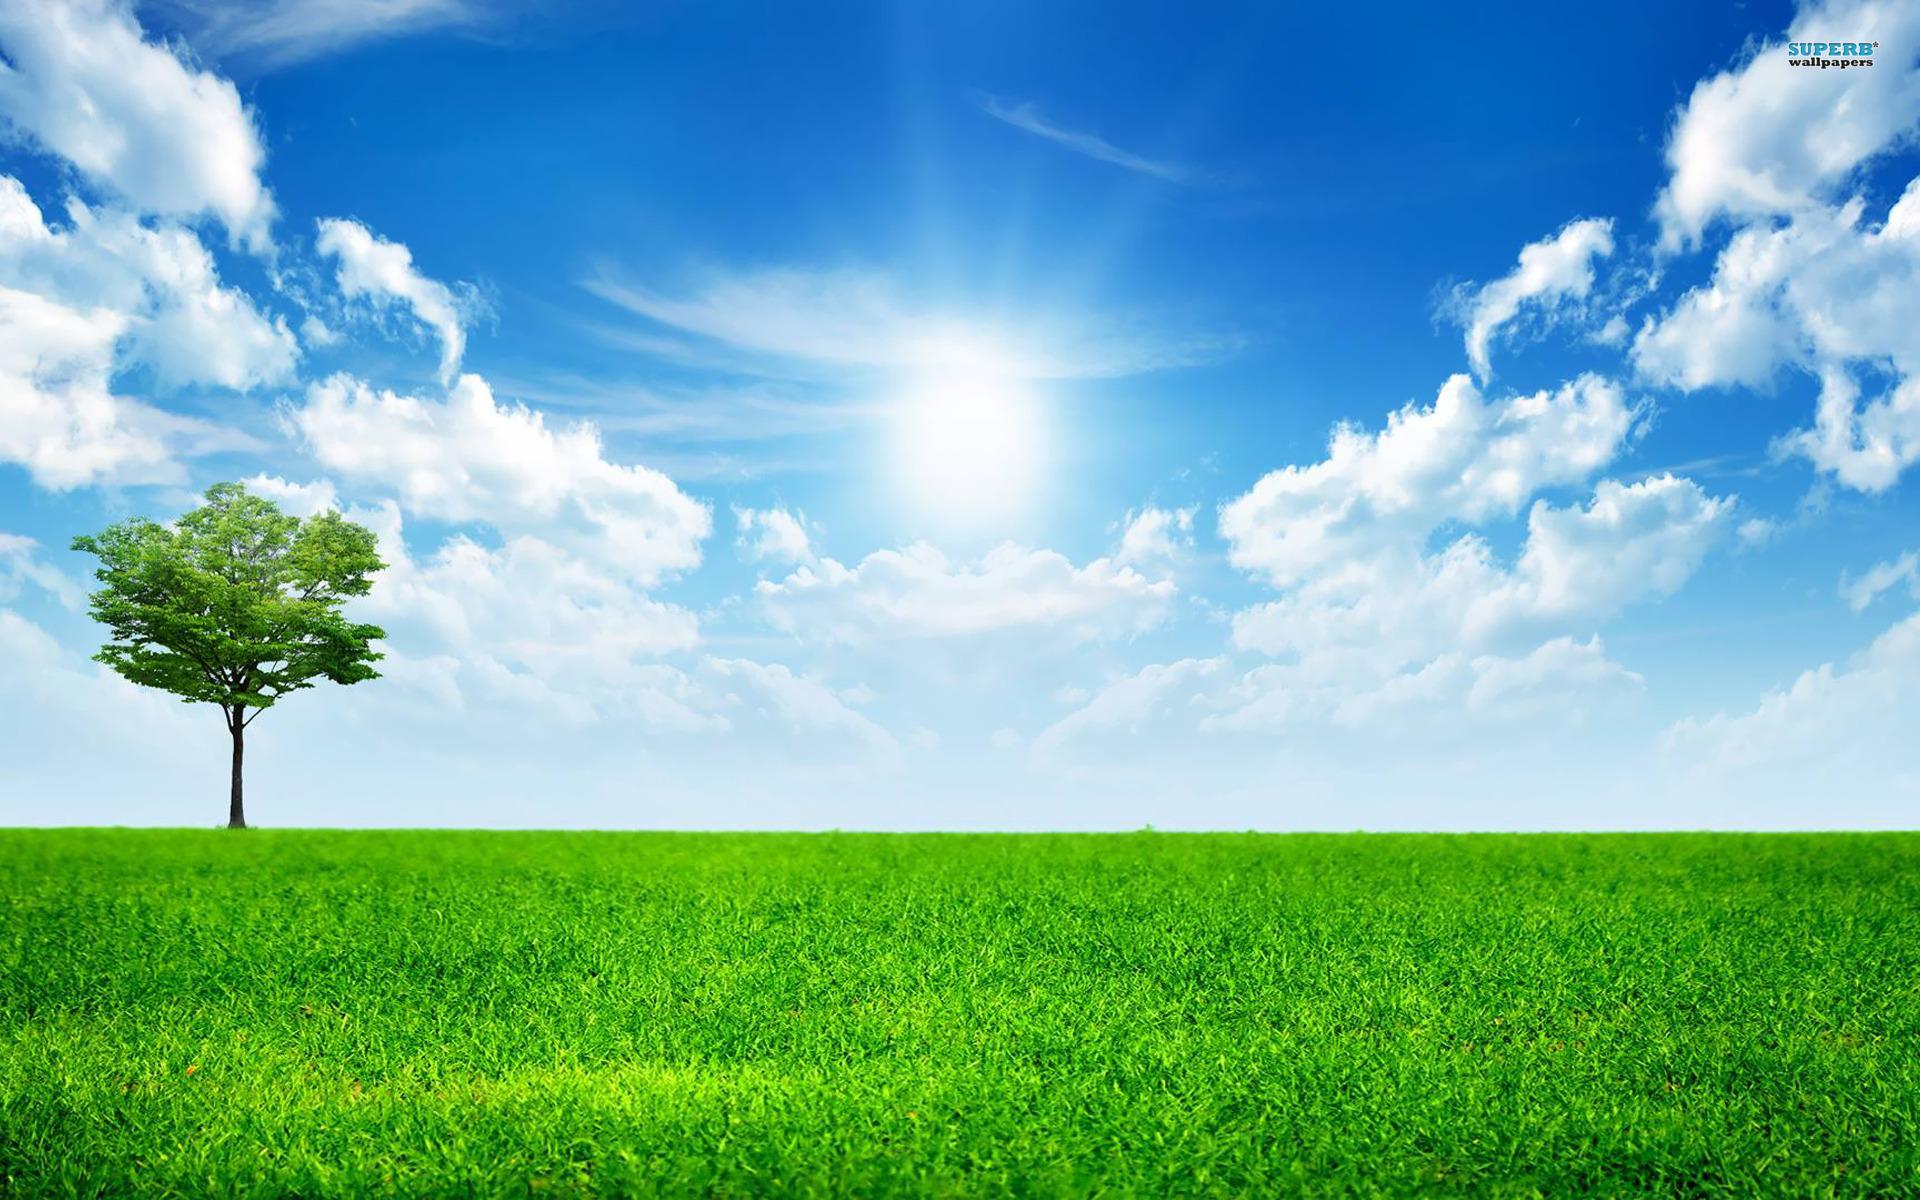 a_bright_sunny_day